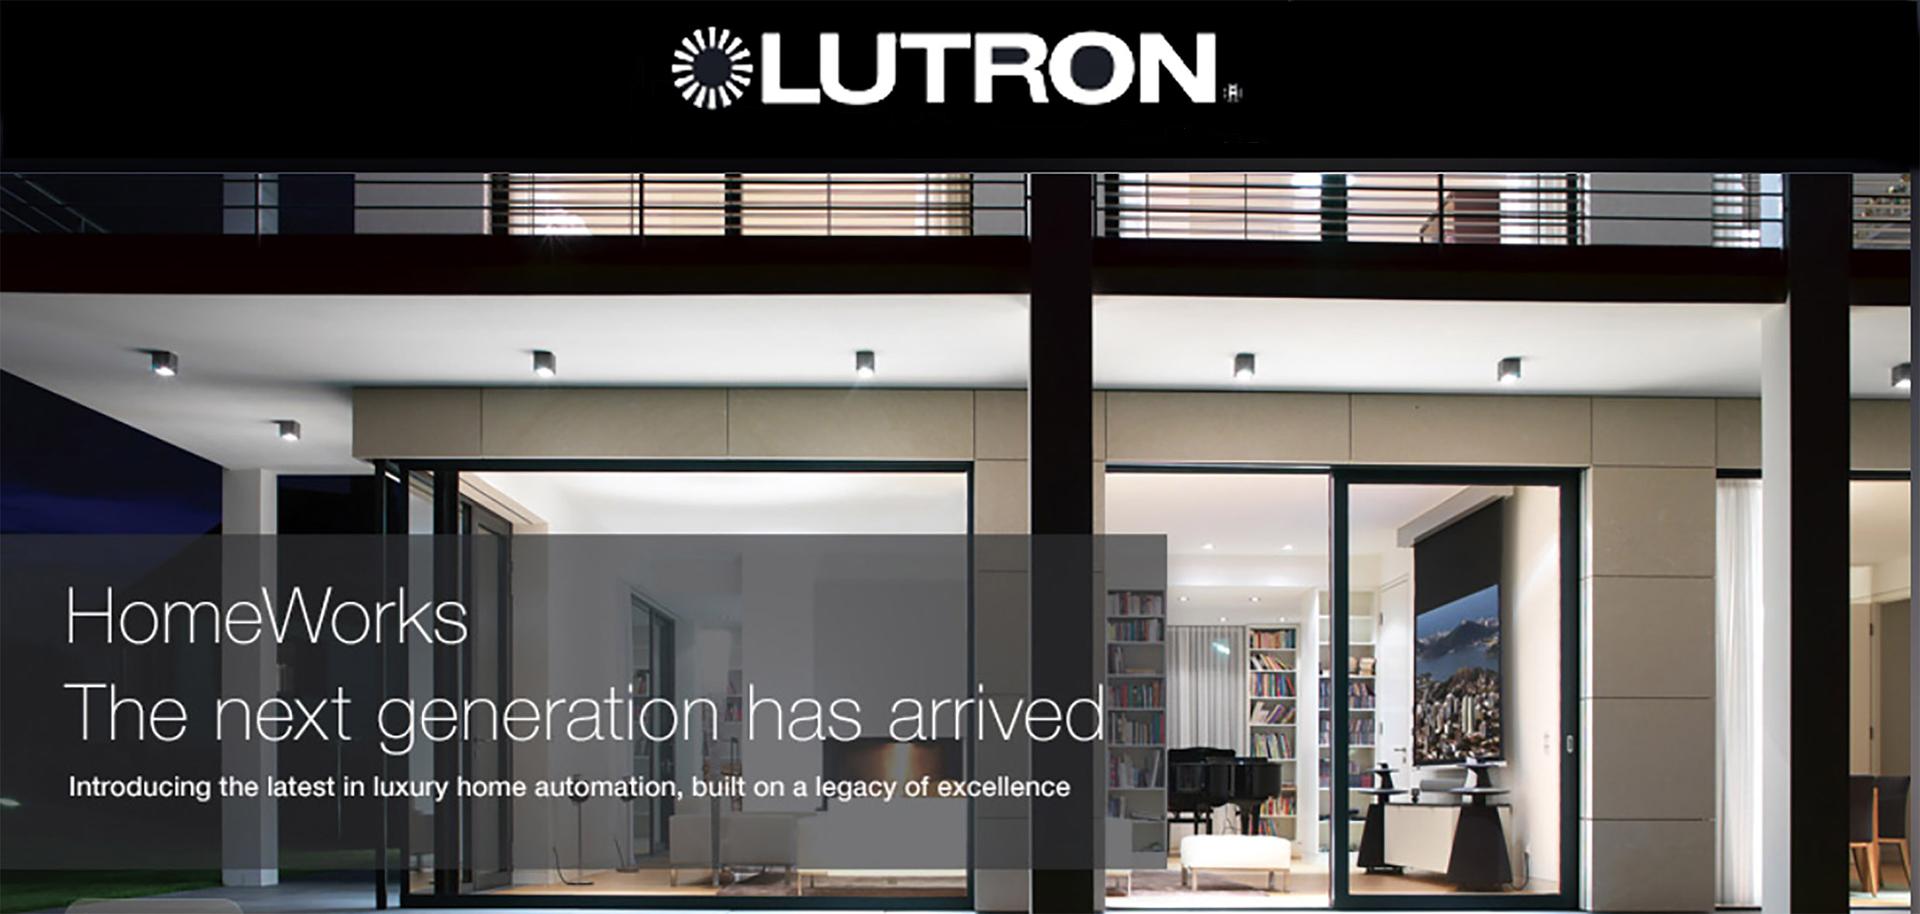 Lutron1xxxx